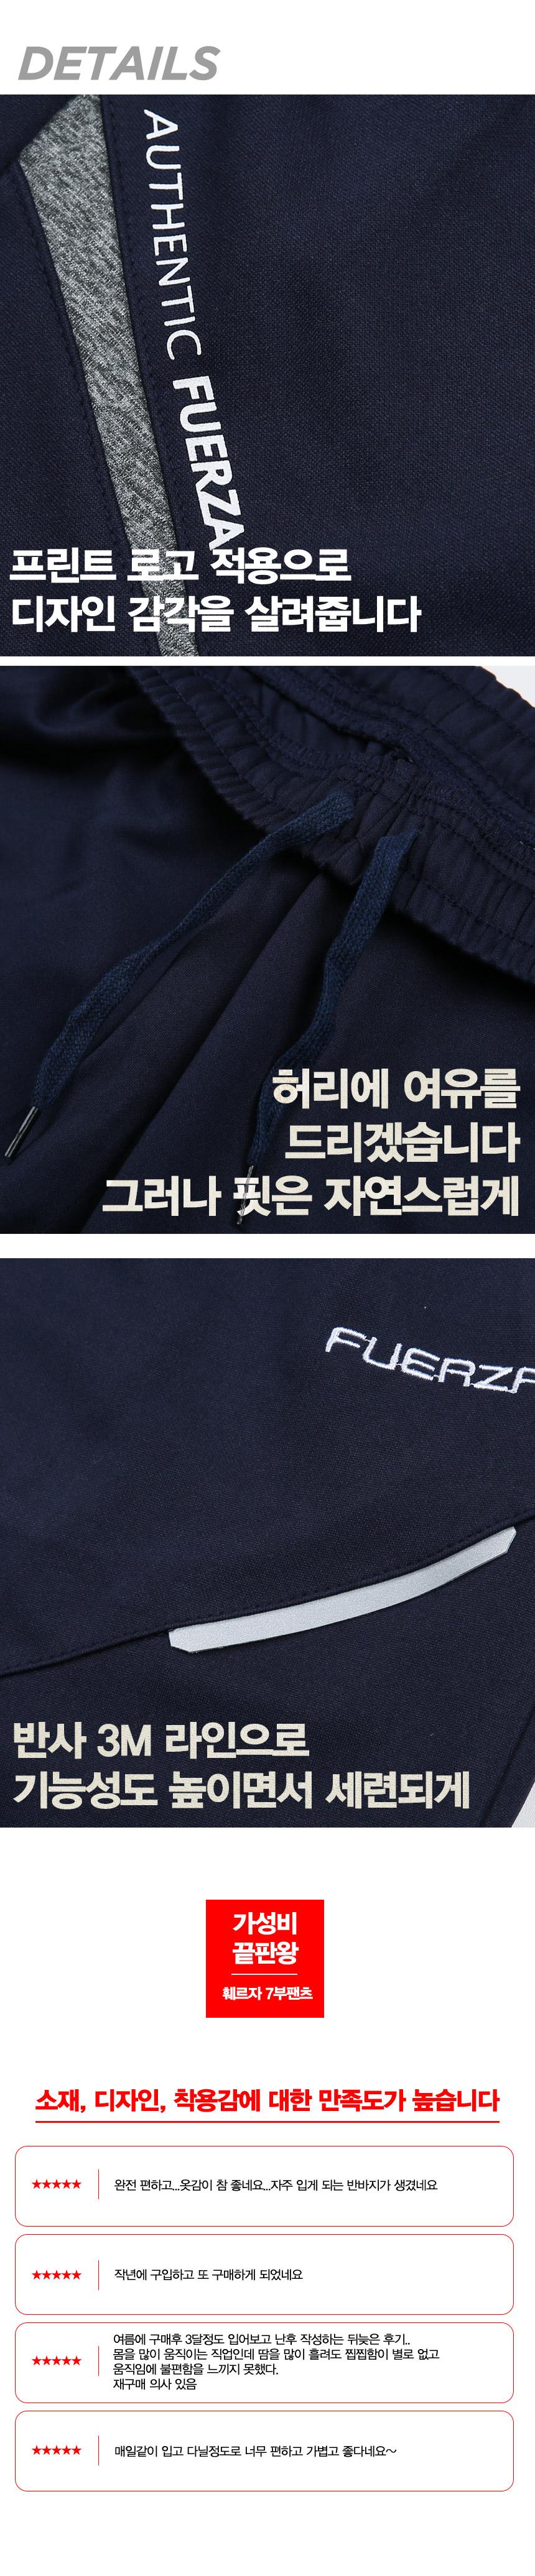 FRZ-9716_02.jpg